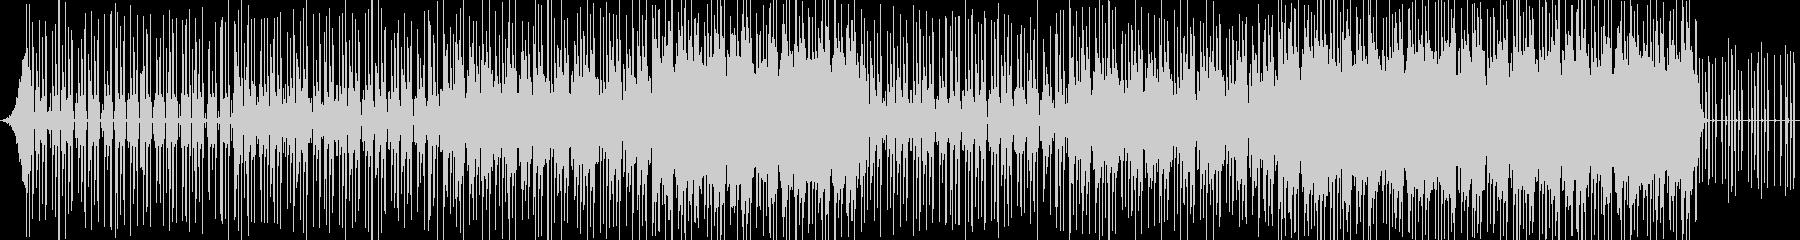 ピコピコ音が印象的なコミカルなBGMの未再生の波形